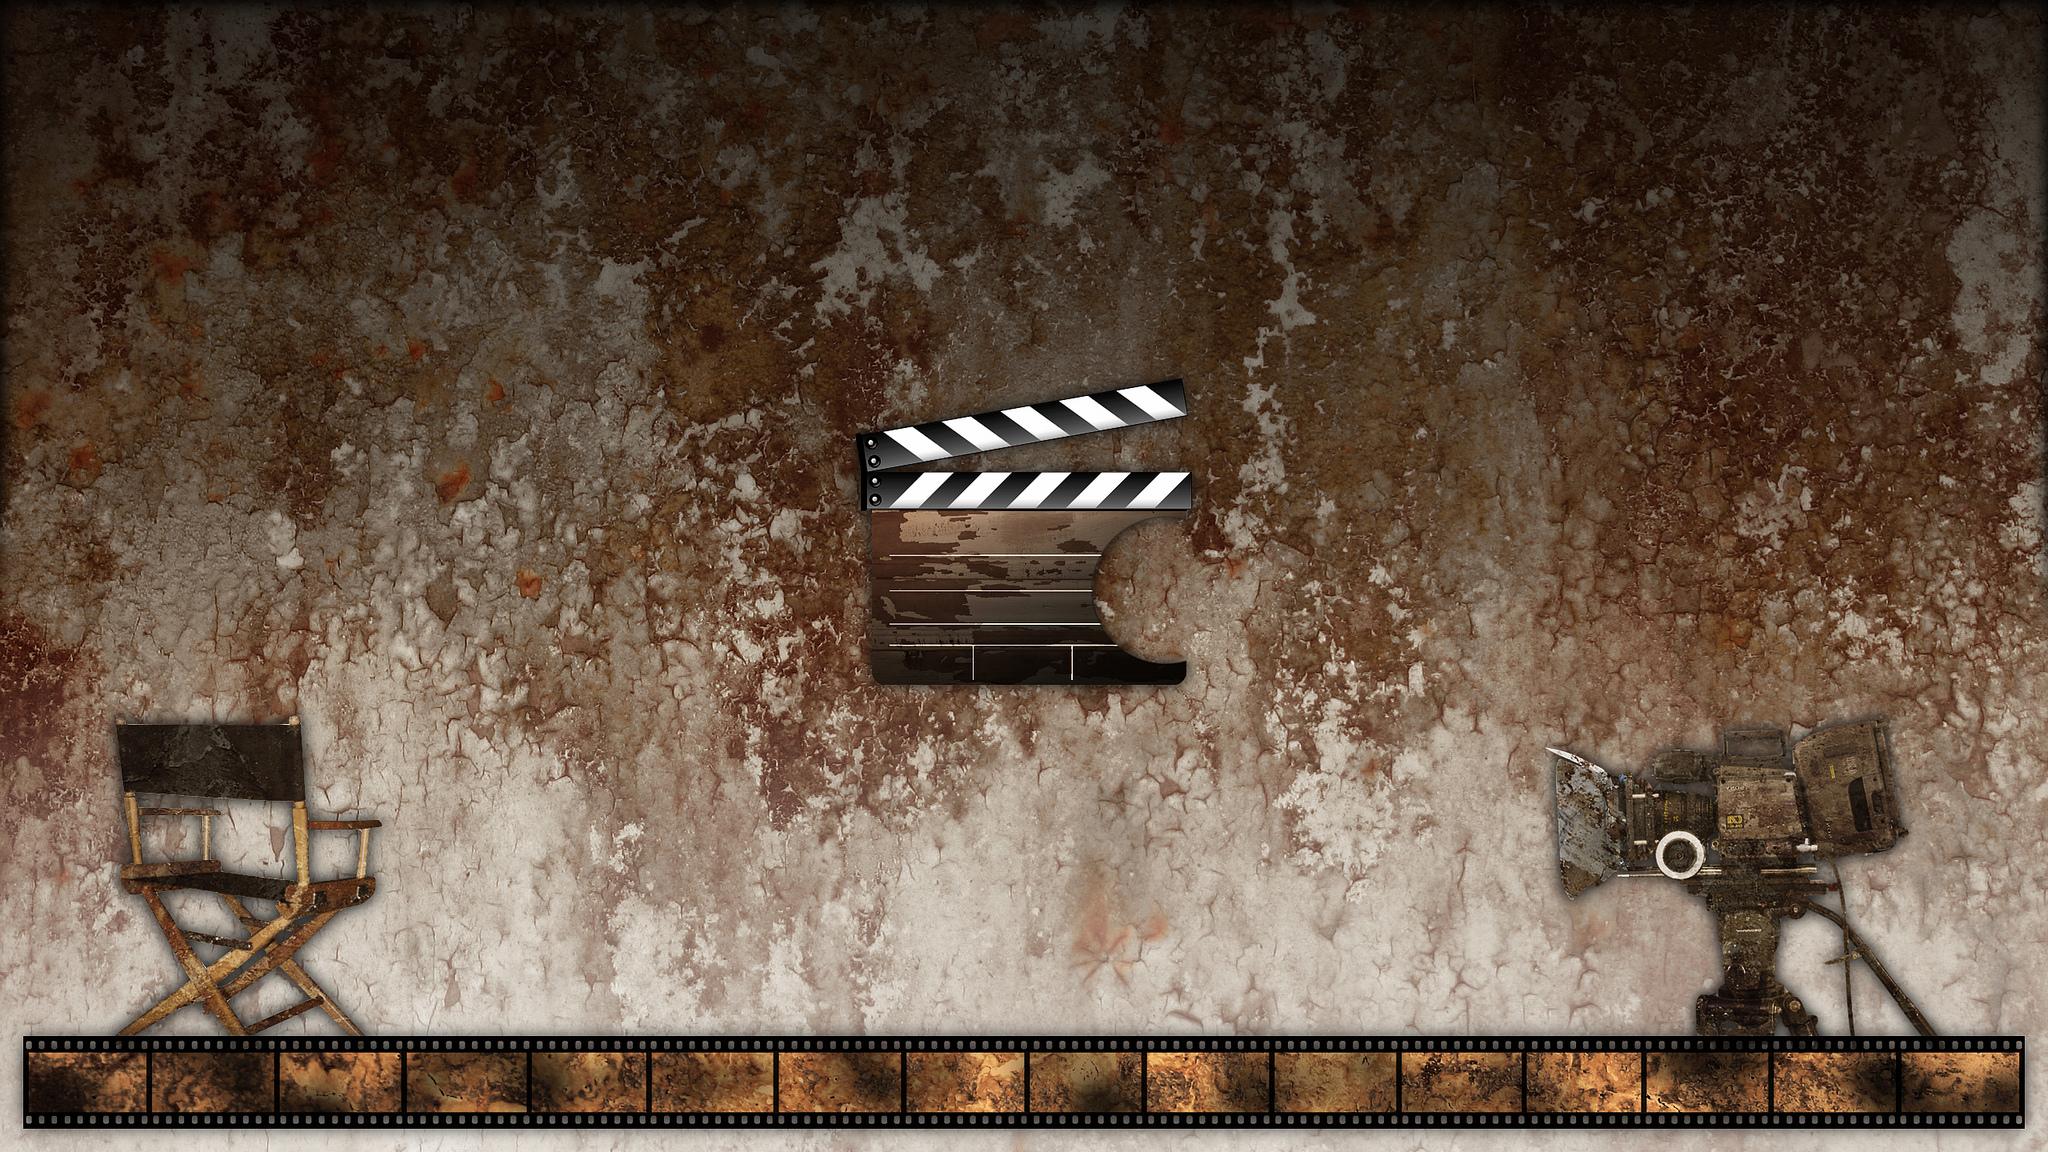 silla de director de cine 1920x1080 - fondo de pantalla #797